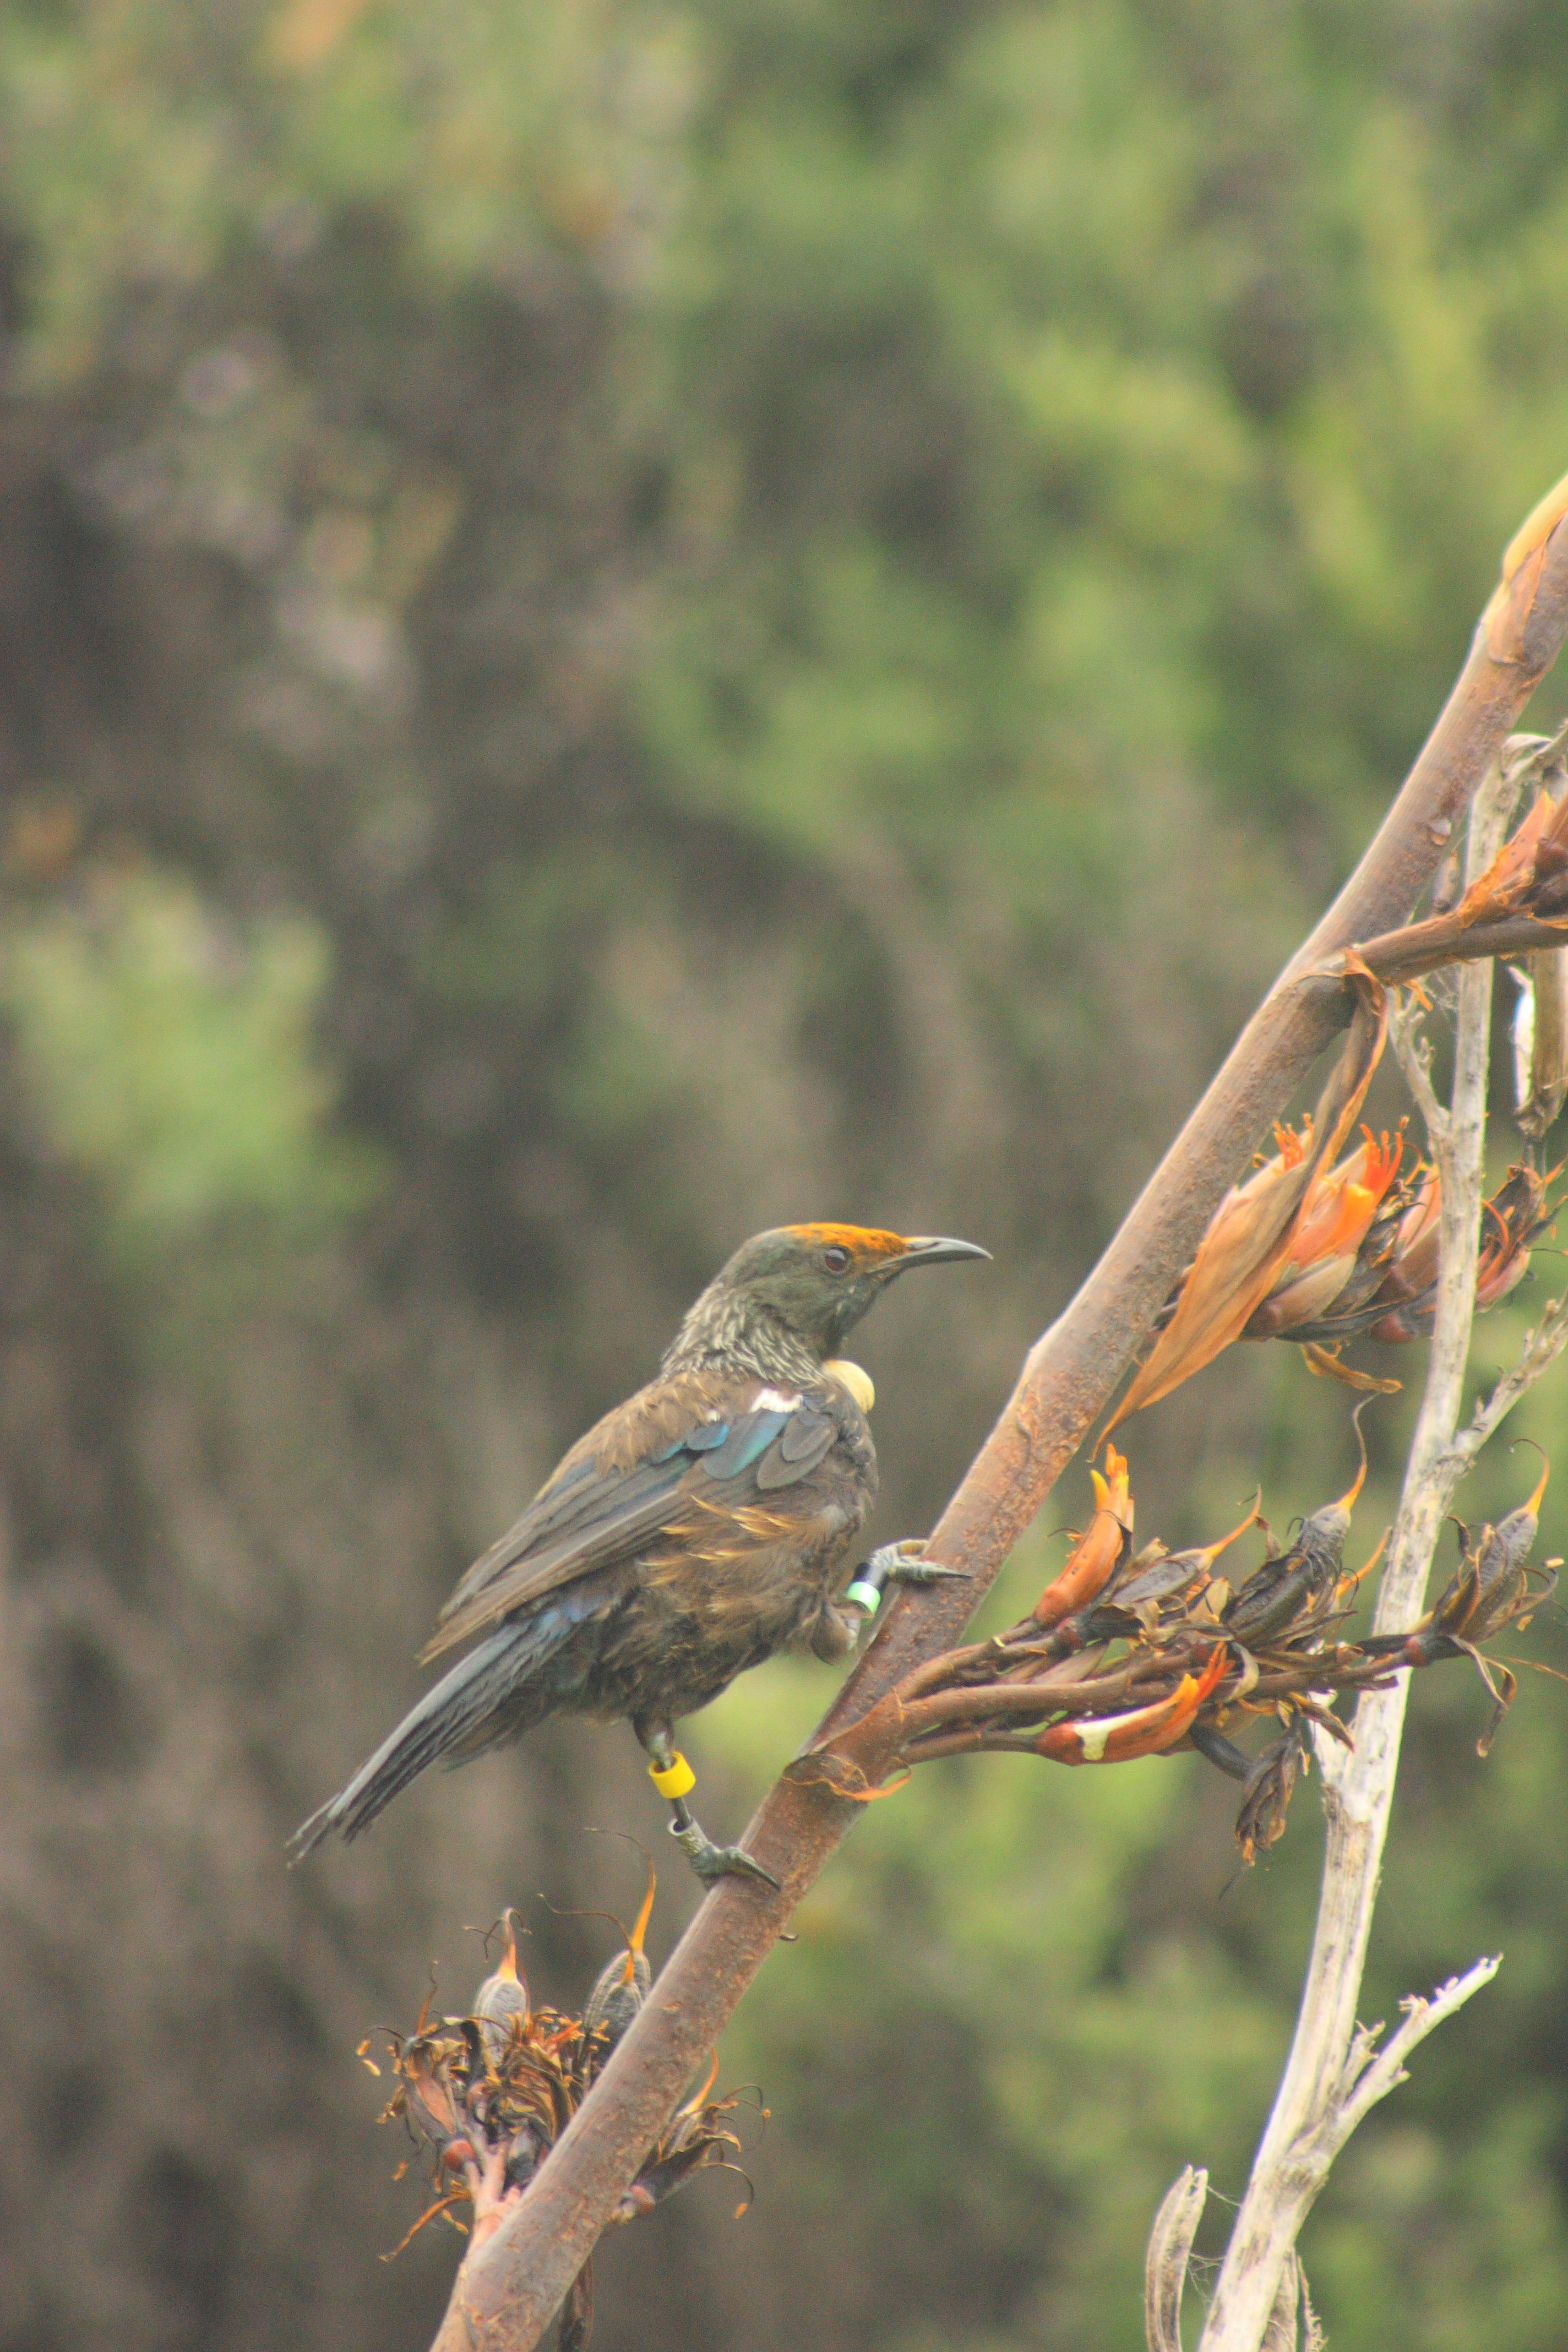 Tui on flax at Tawharanui